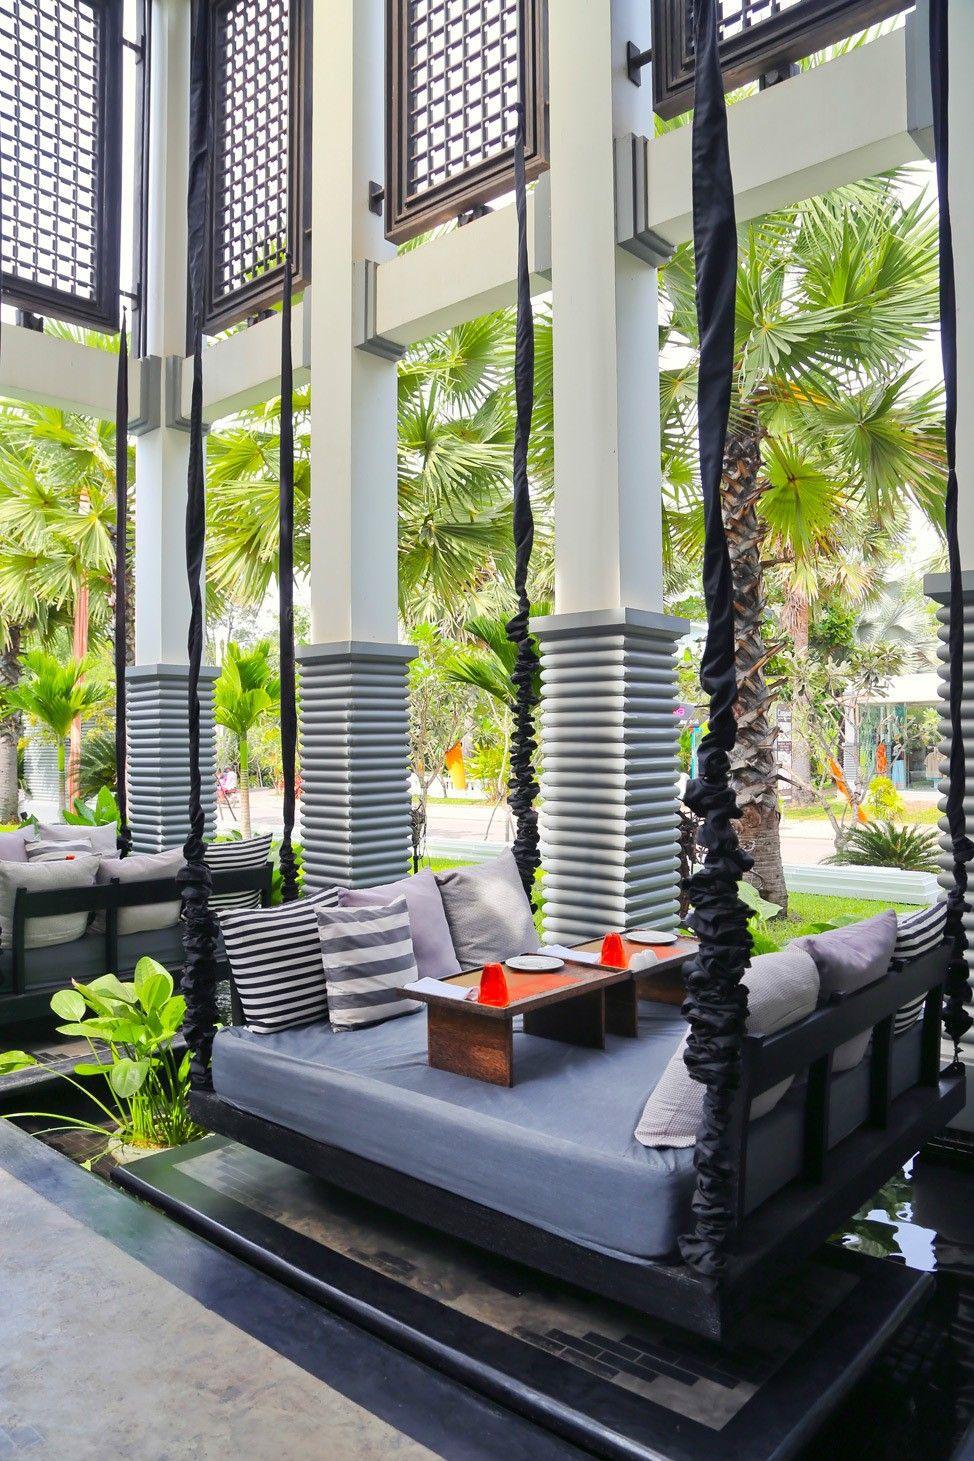 Eat & Drink Siem Reap Angkor wat, Hotel